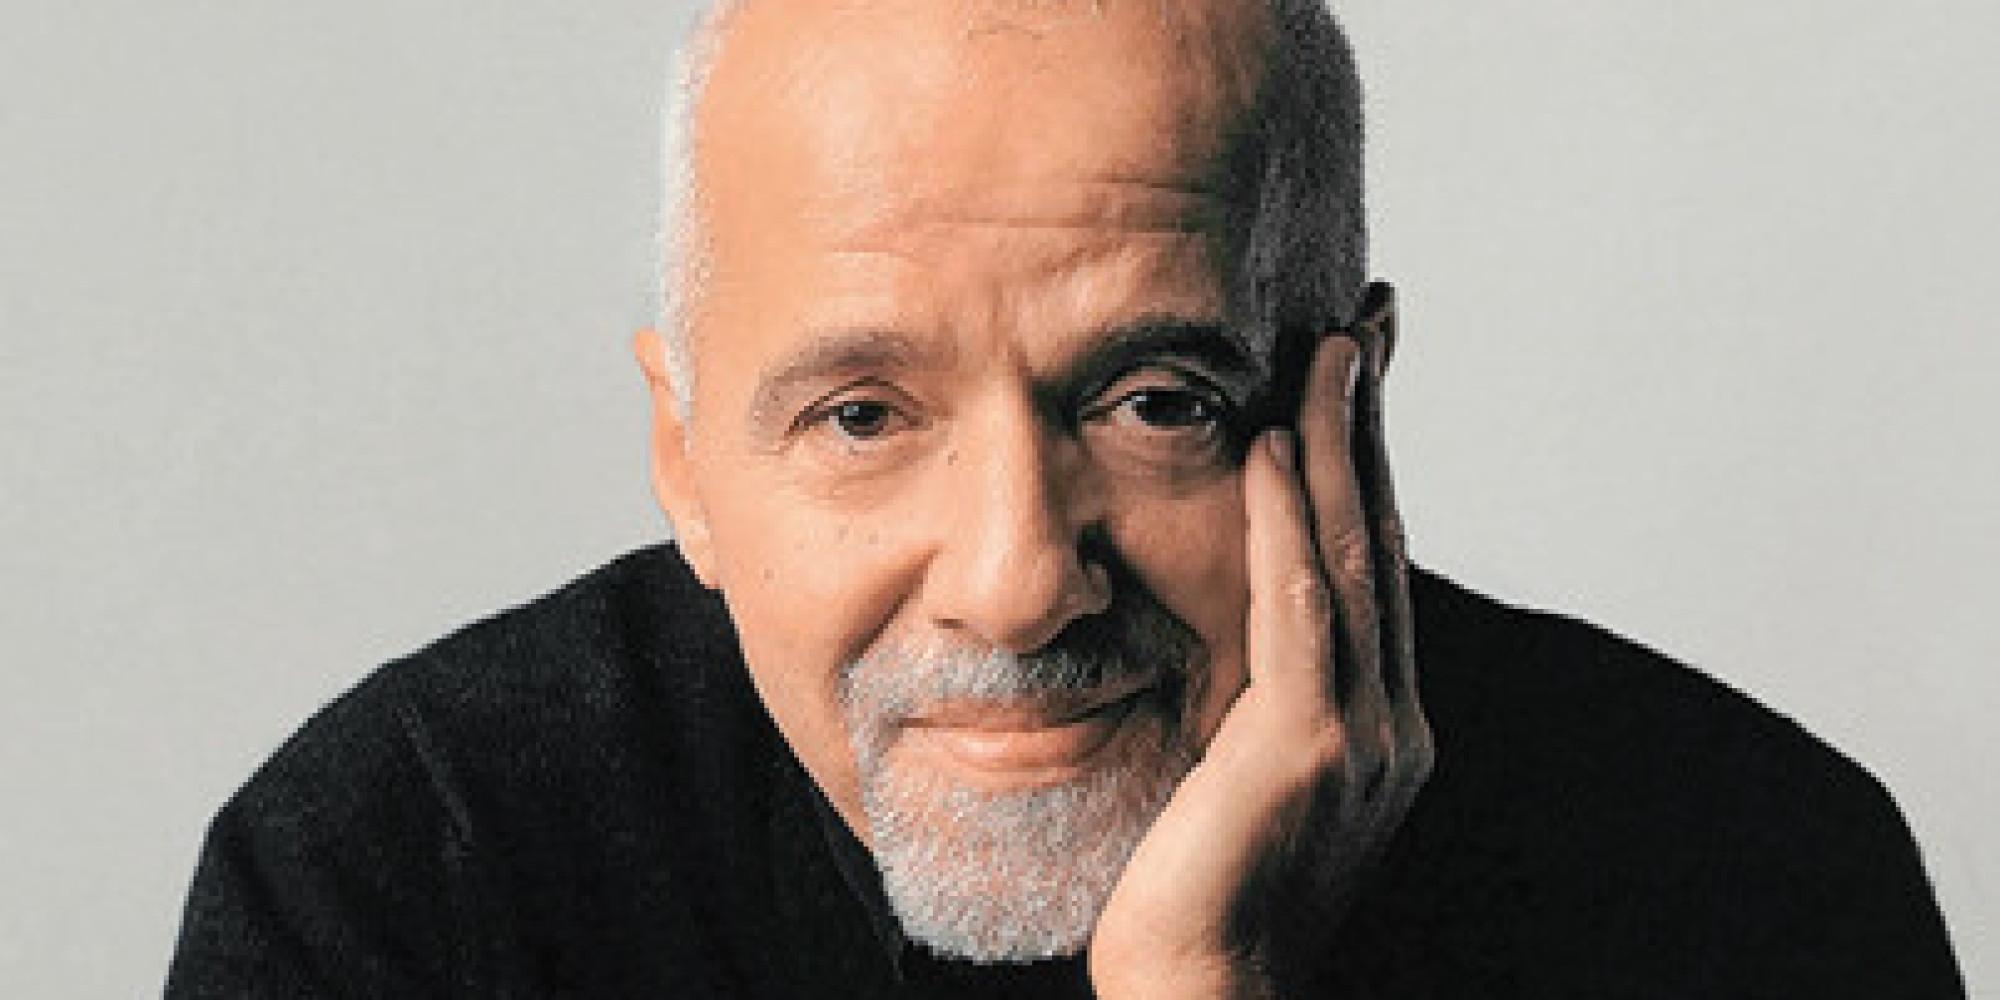 Paulo-Coelho-Hd-Photos